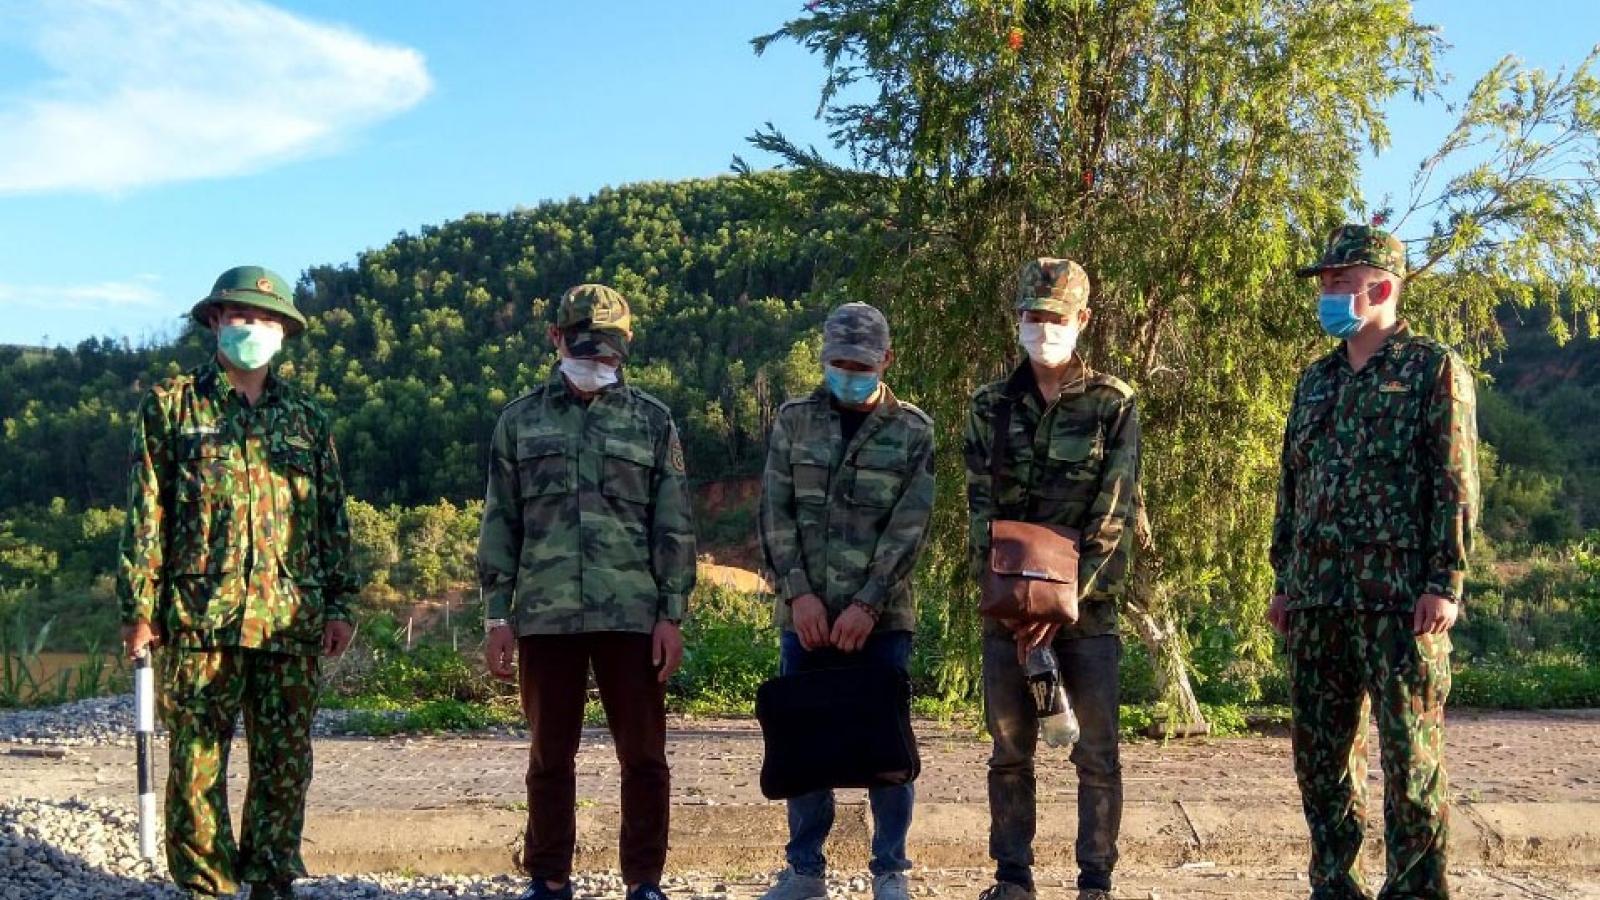 Biên phòng Kon Tum bắt giữ 3 đối tượng xuất cảnh trái phép sang Lào